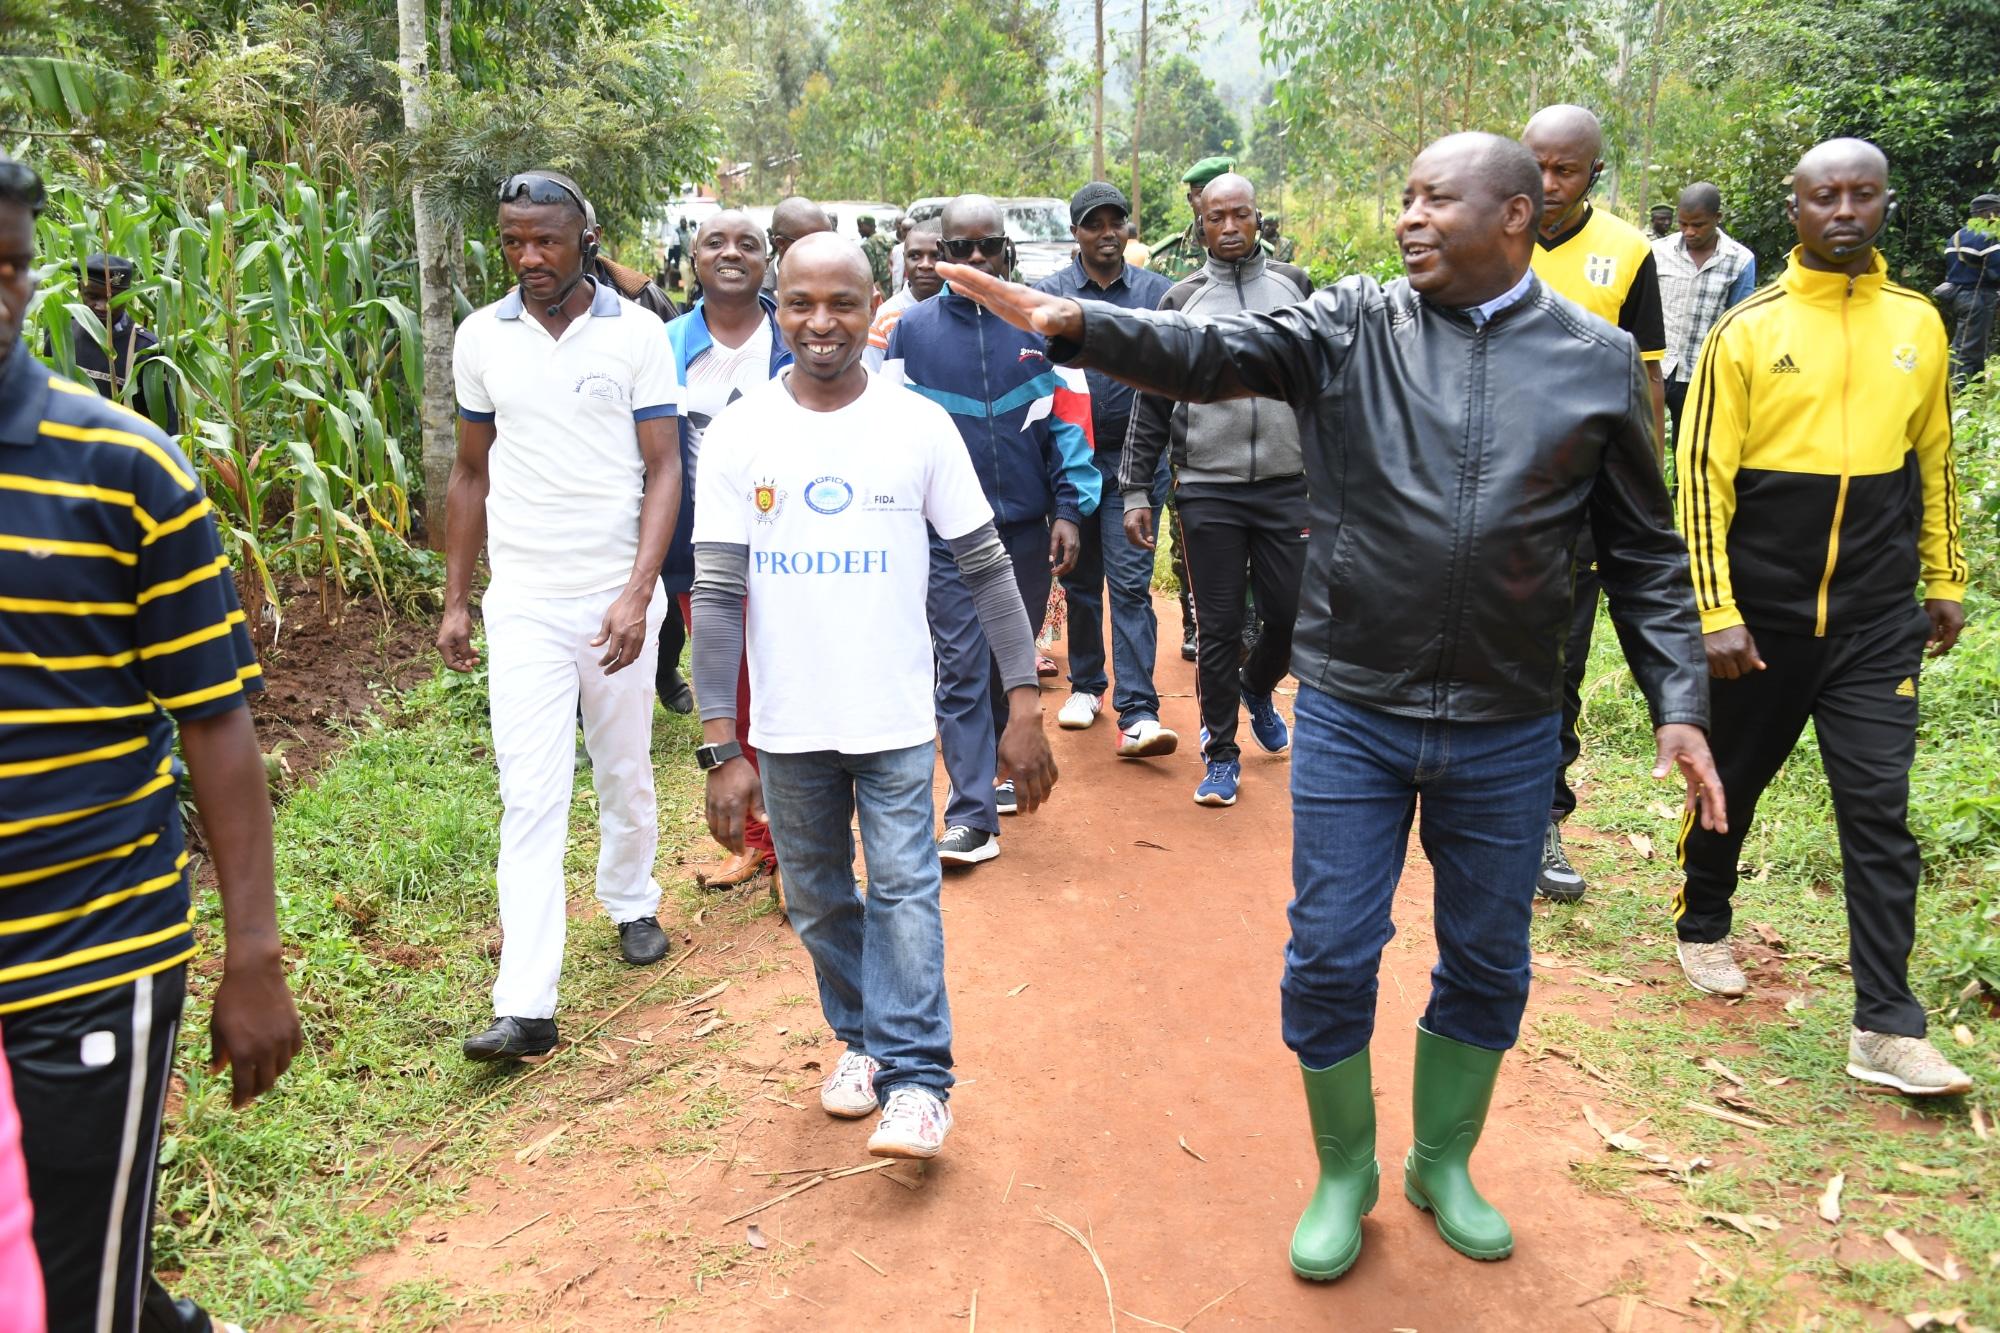 Le Chef de l'Etat visite différents projets de développement de la population à Gitega